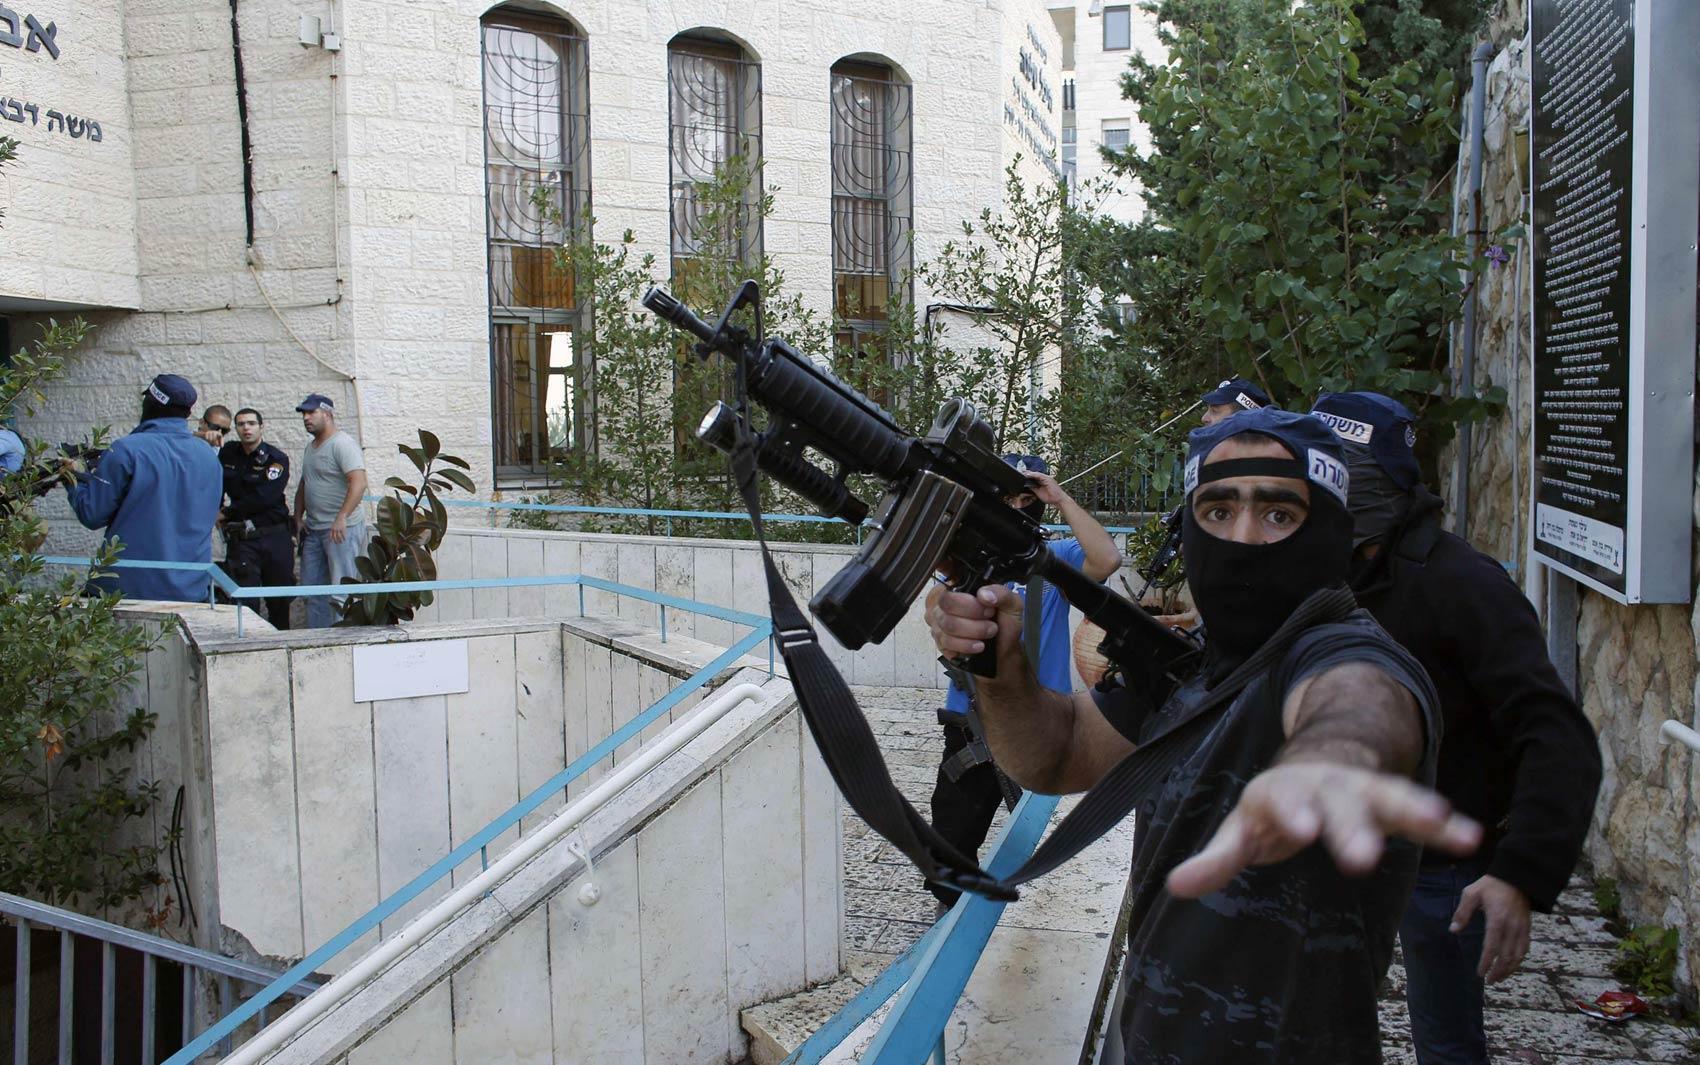 Forças de seguranças israelenses guardam o perímetro após ataque deixar mortos em sinagoga no bairro de judeus ultra-ortodoxos de Har Nof, em Jerusalém